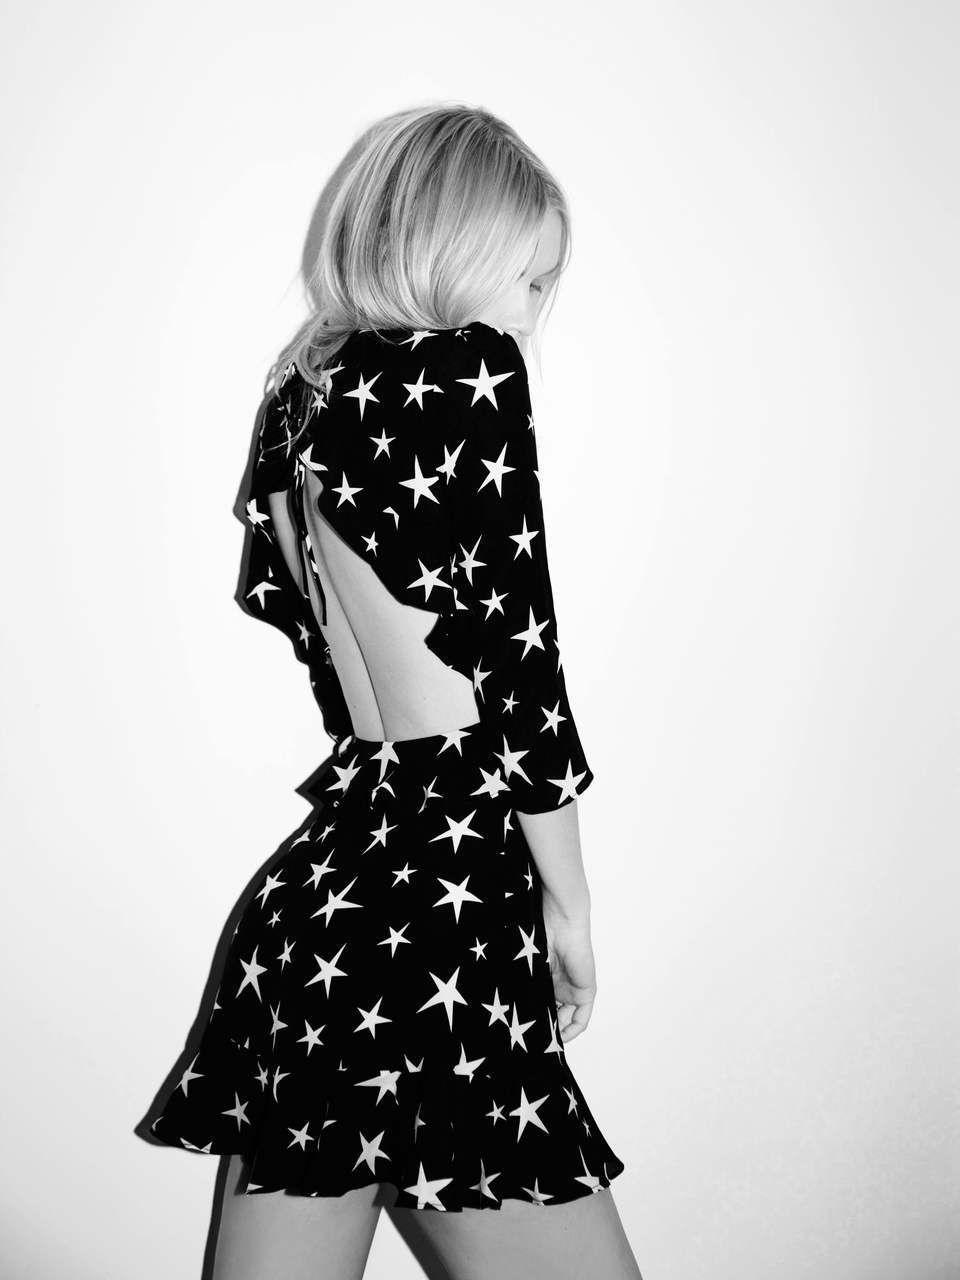 Goldie Star Nude Photos 18